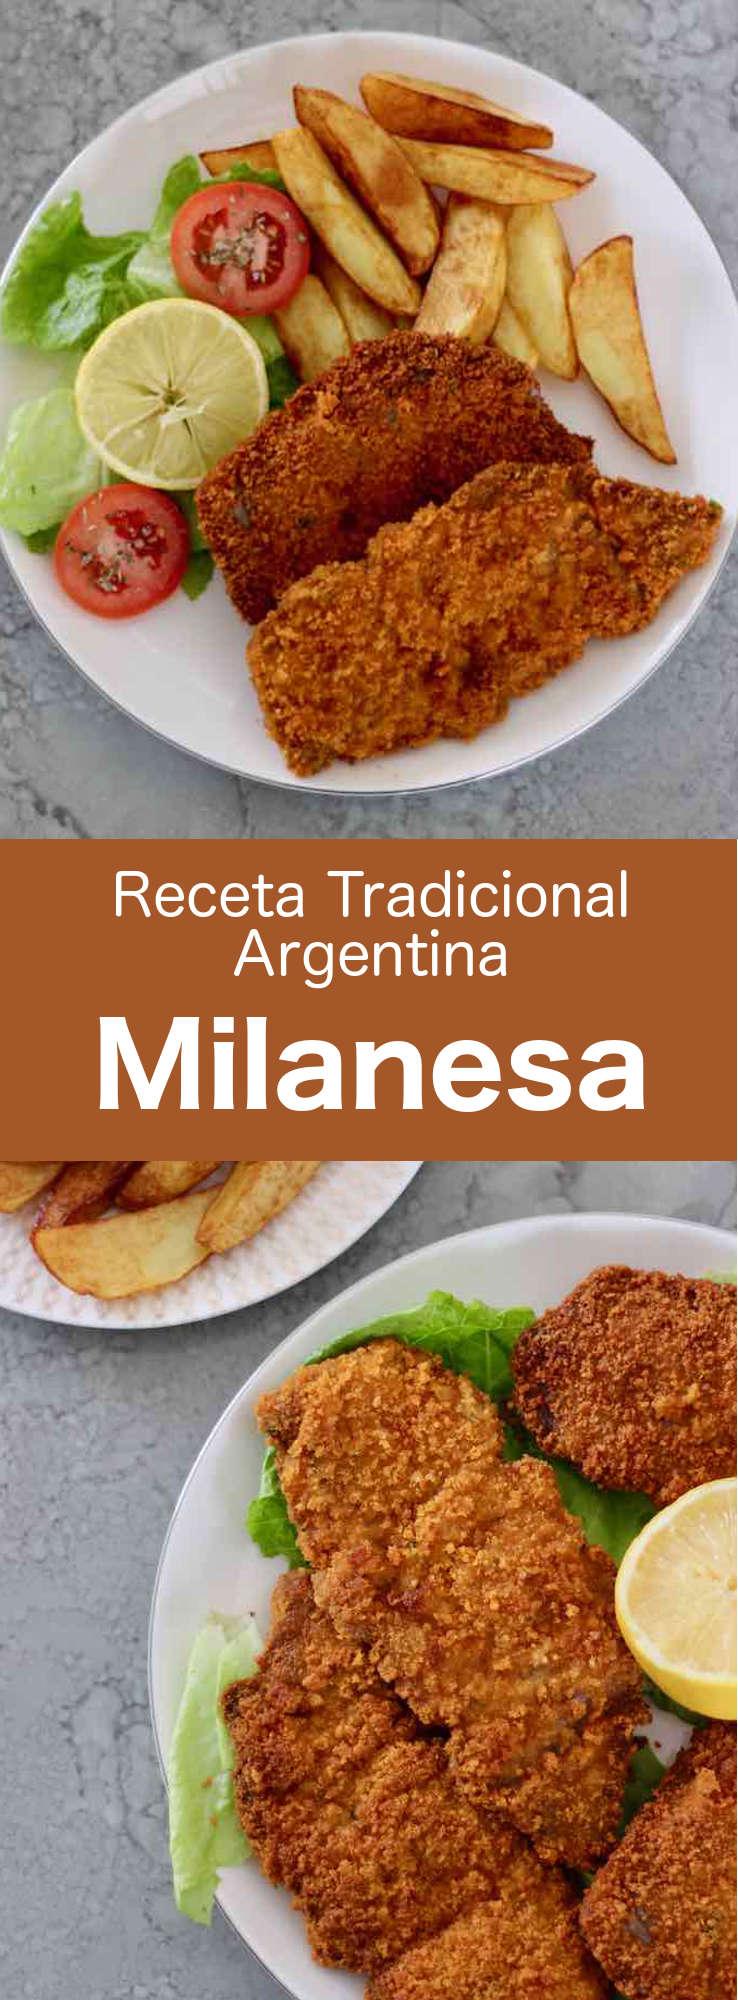 Milanesa Receta Tradicional Y Autentica Argentina 196 Flavors